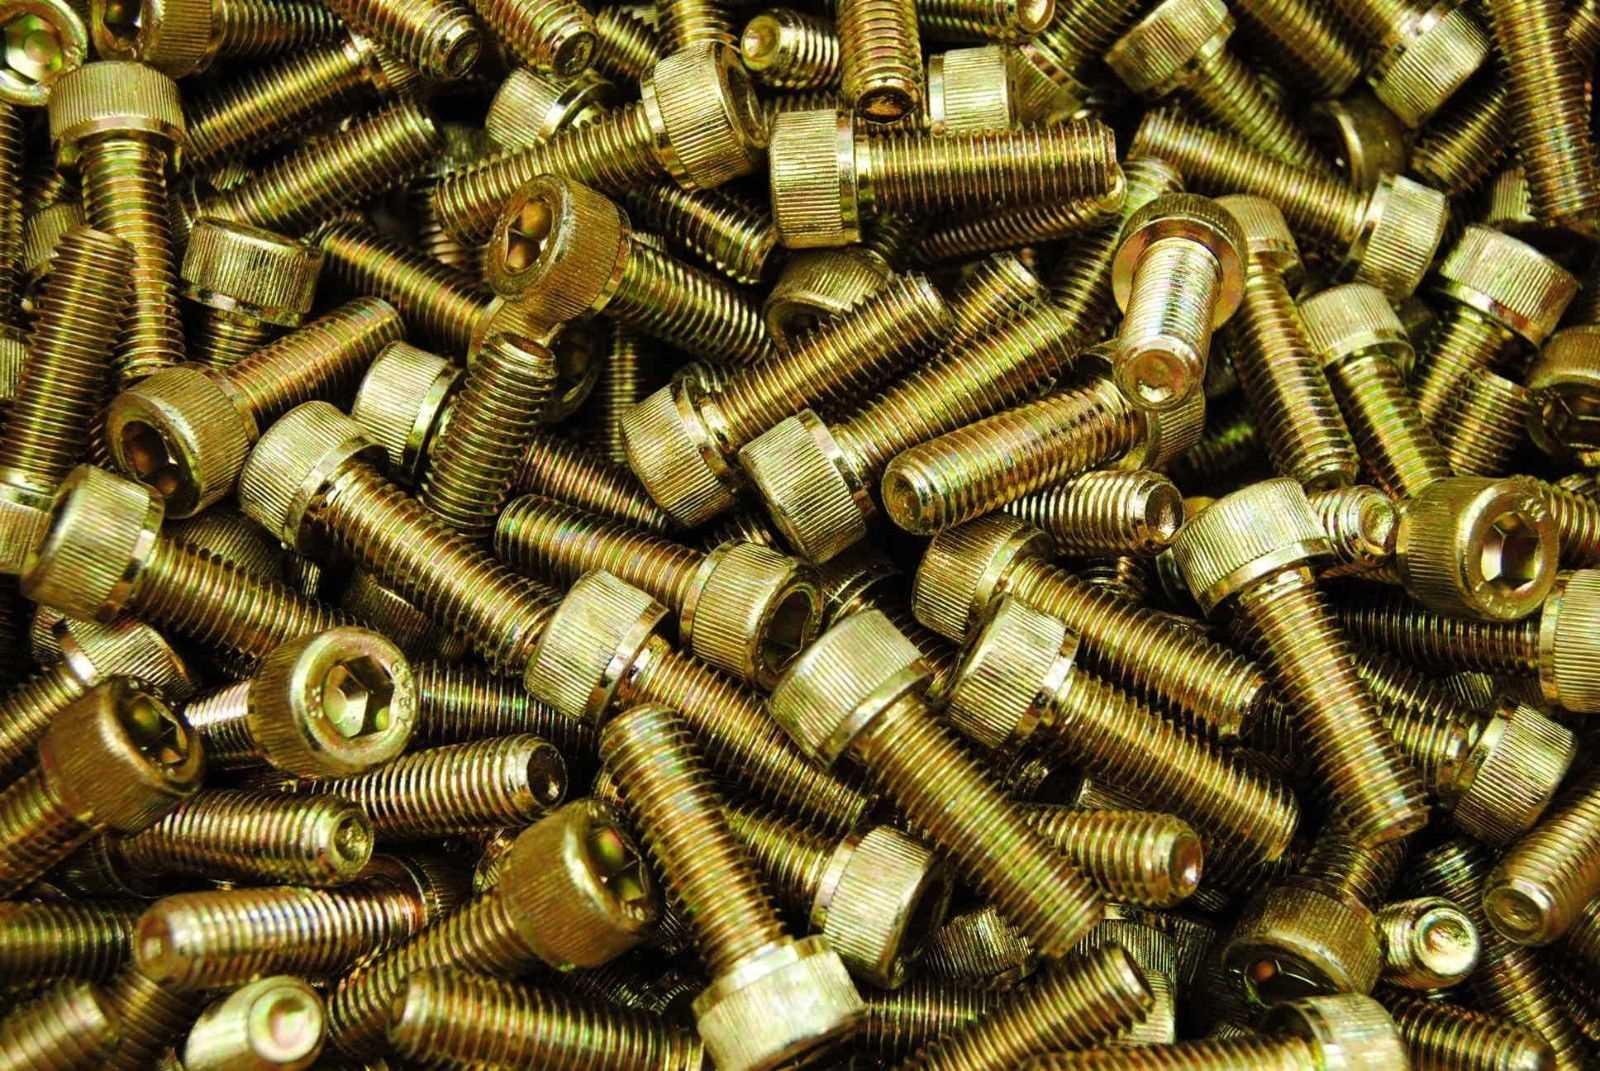 ISO 4762 Zylinderschrauben mit Innensechskant gelb verzinkt 8.8